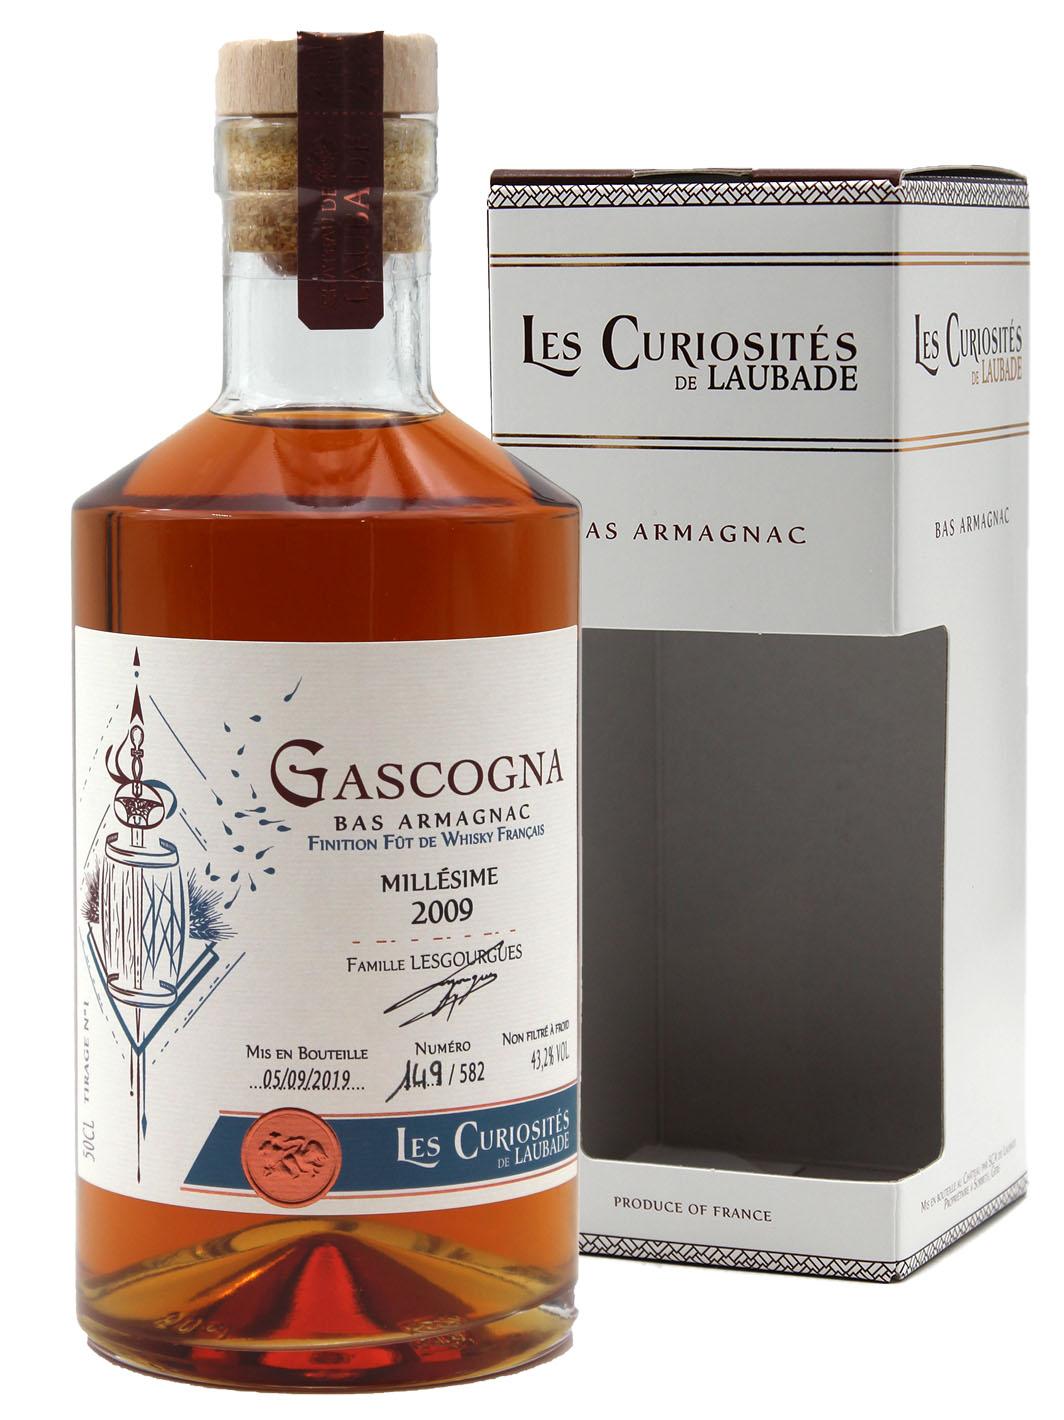 Gascogna 2009 - AOC Bas Armagnac - Les Curiosités de Laubade - 50cl